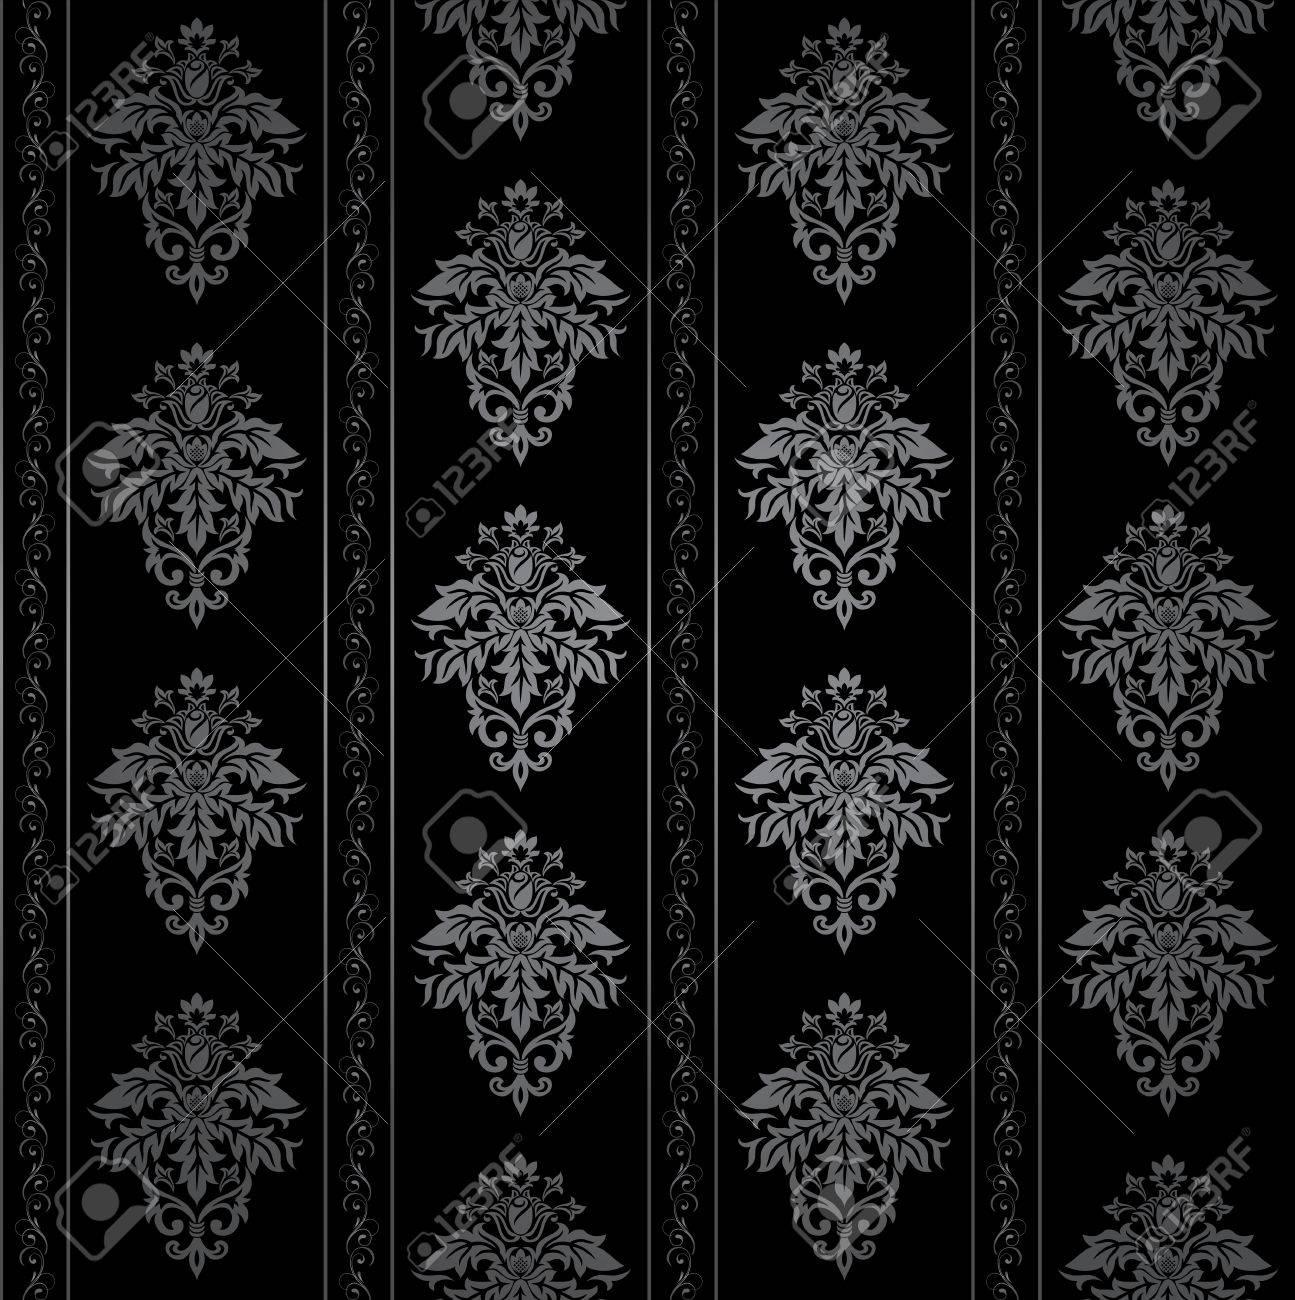 シームレスなゴシック様式の装飾的な壁紙 花柄 イラストのイラスト